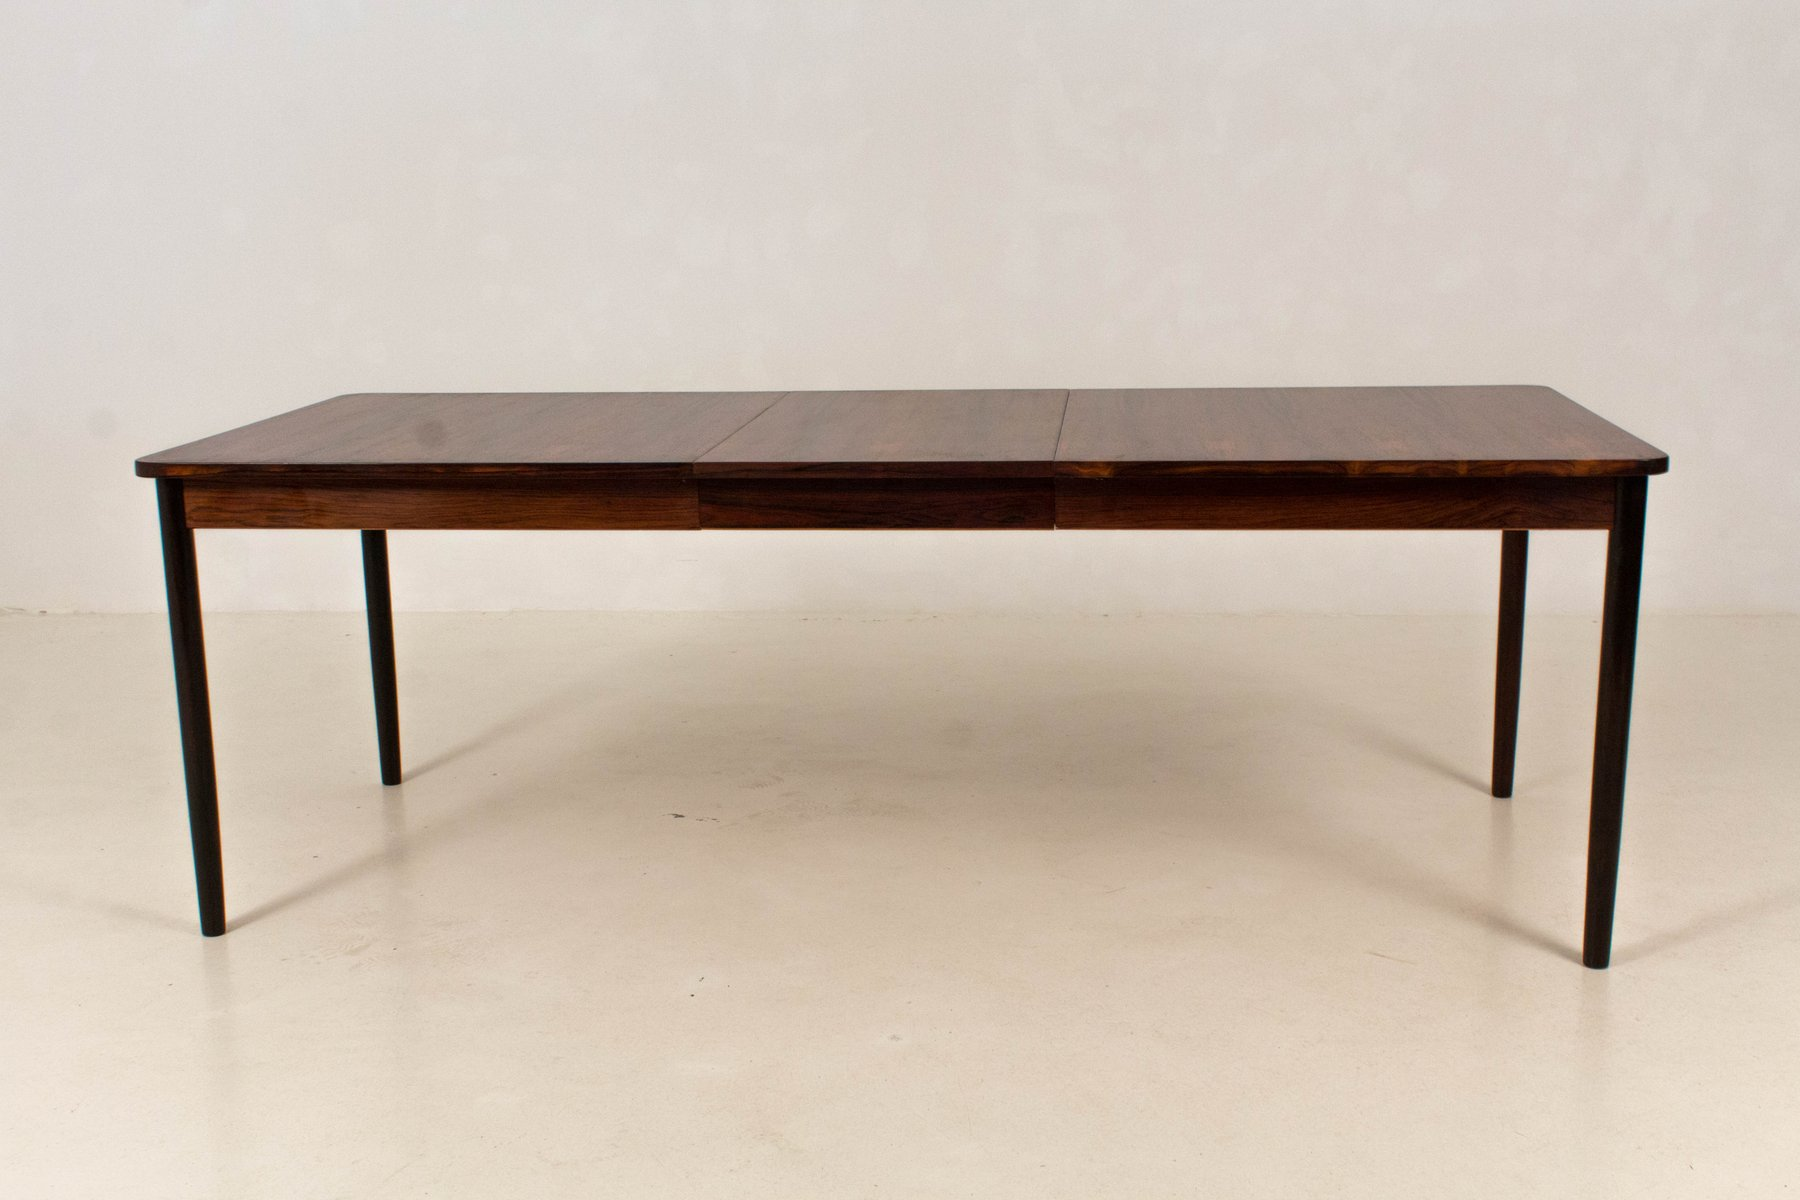 Table de salle manger mid century moderne rallonge de for Table a rallonge moderne